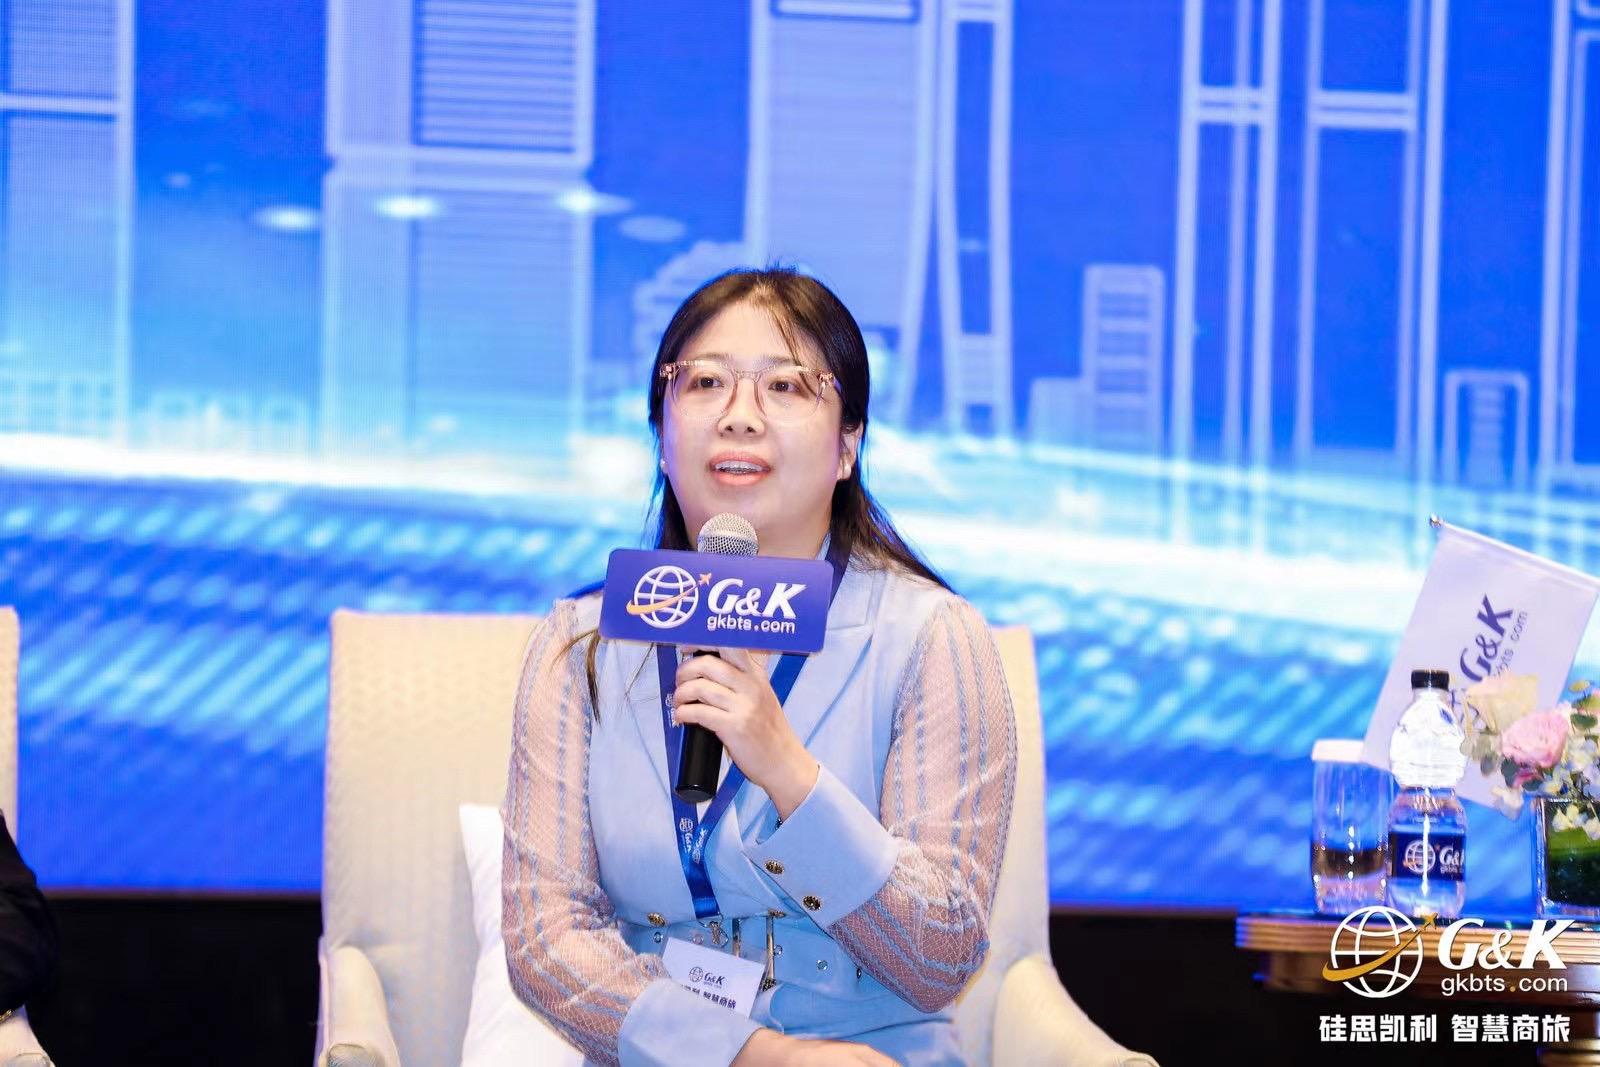 优行商旅胡晓莹作为论坛嘉宾受邀参加2021[硅思凯利 智慧商旅]行业沙龙